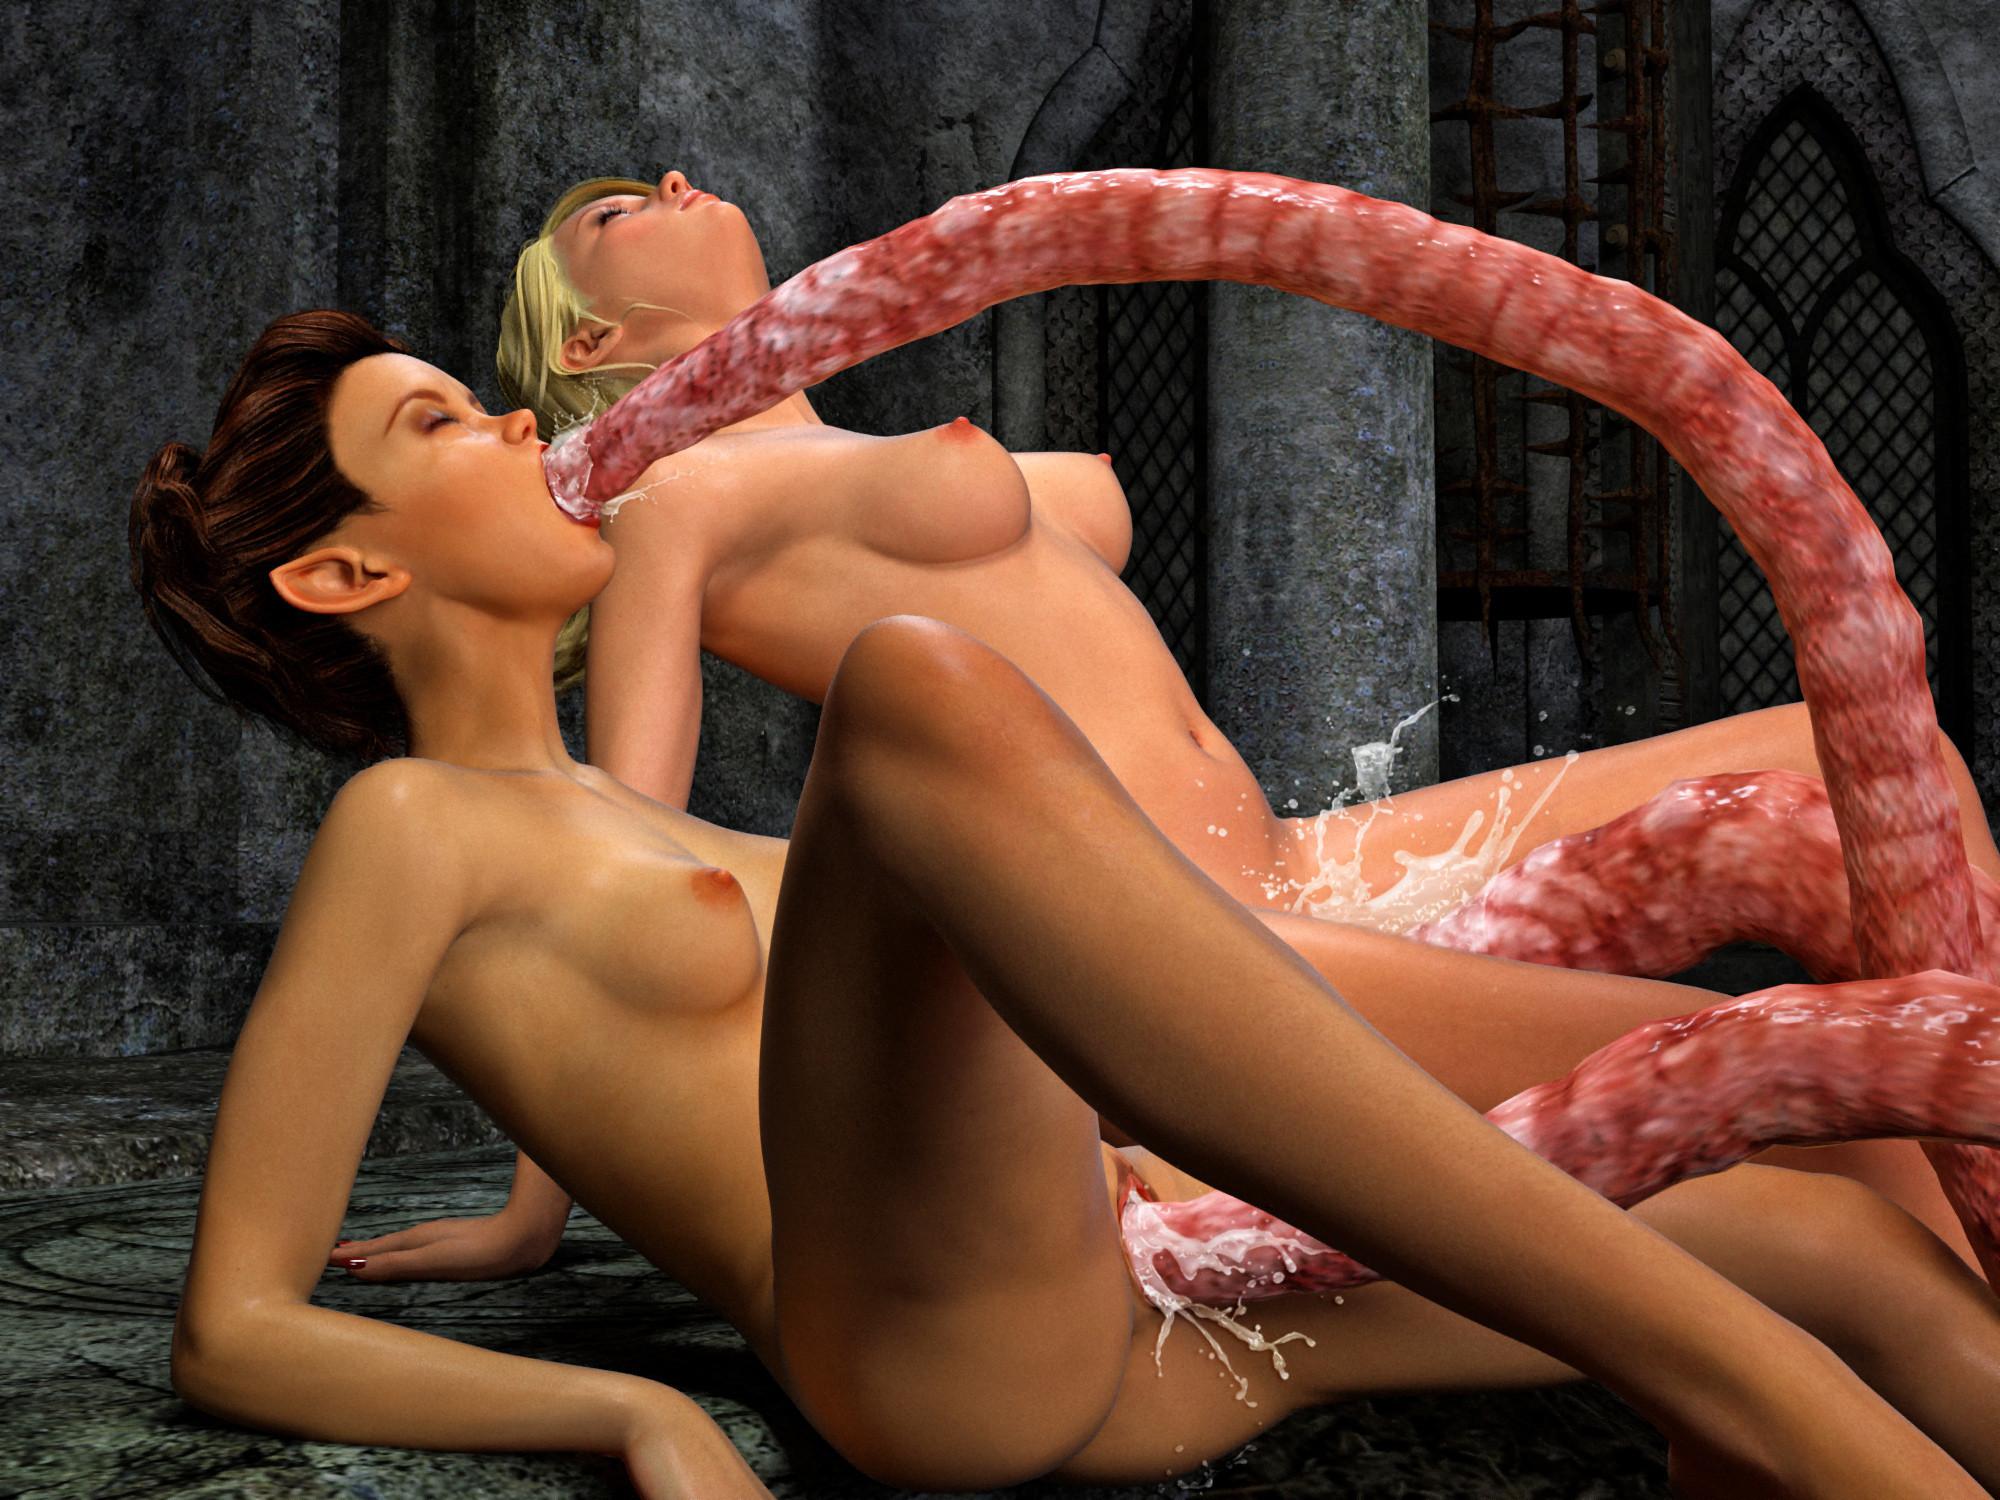 даже говорим смотреть видео онлайн страшное порно хащенко продовольственному